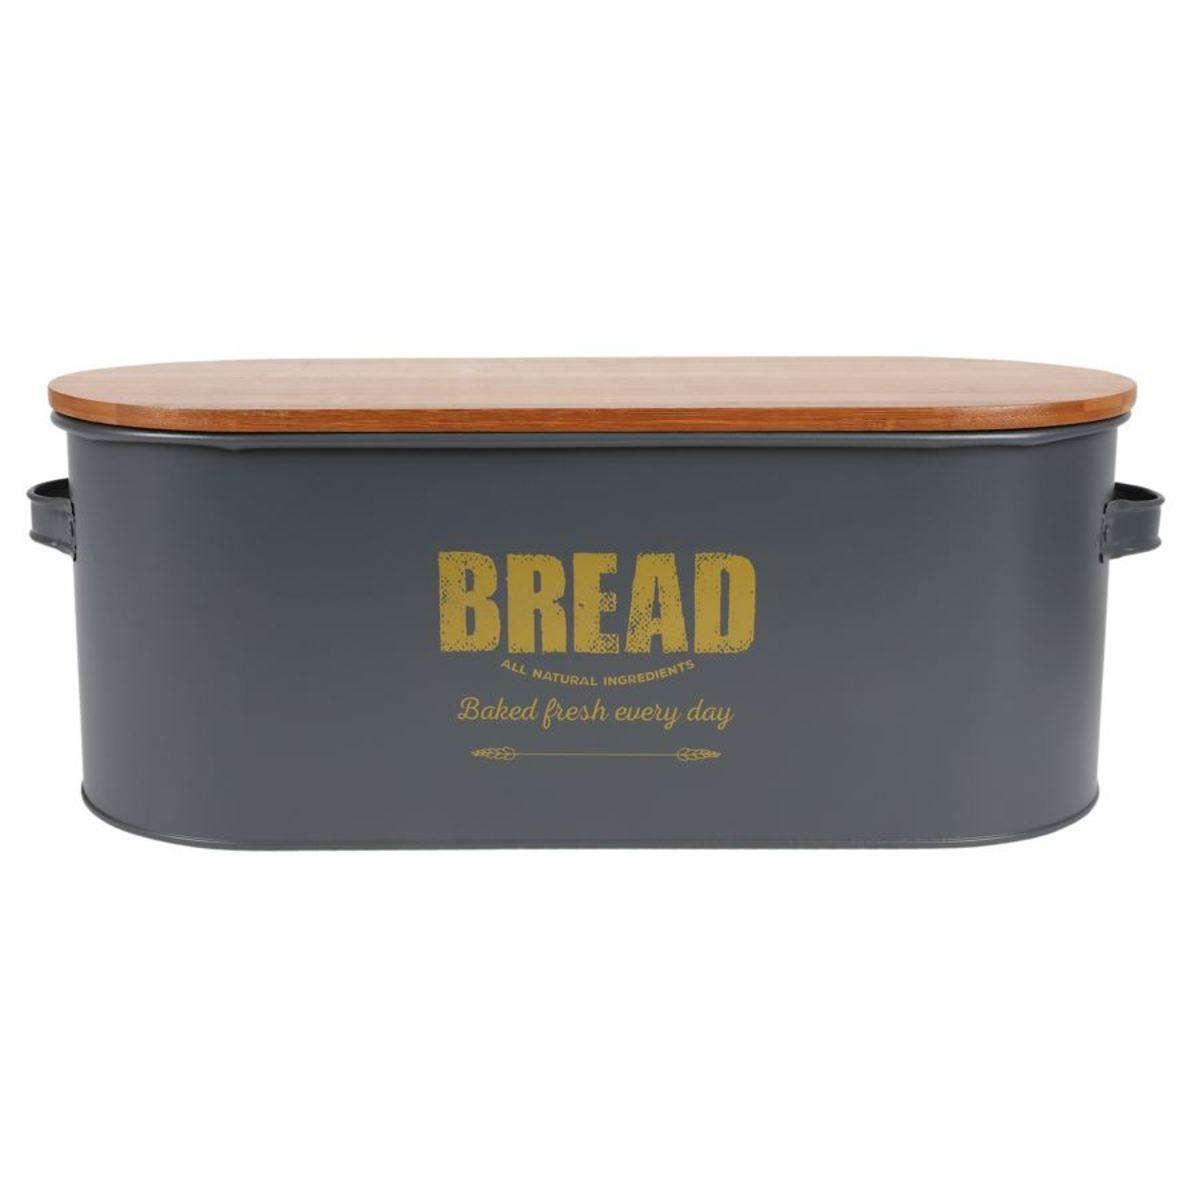 Bild 1 von Brotkasten Bread 46x16x18cm Dunkelgrau mit Holzdeckel